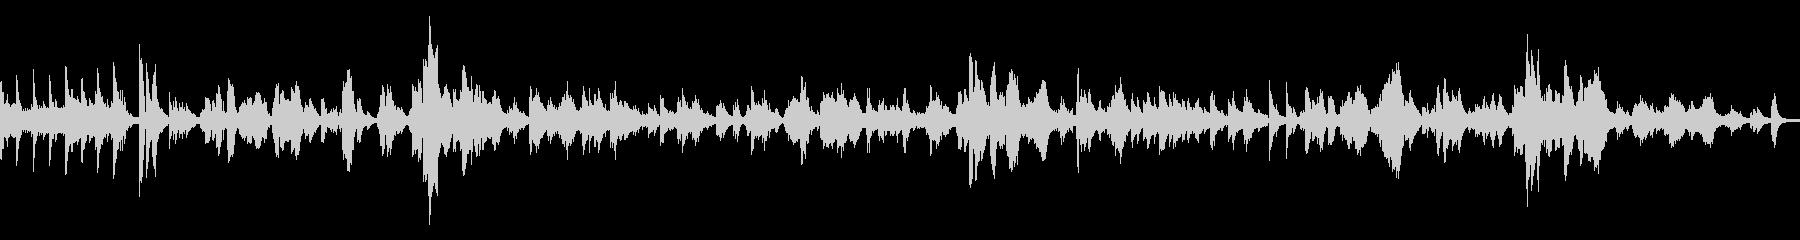 ピアノとボーカルのシンプルなバラードの未再生の波形